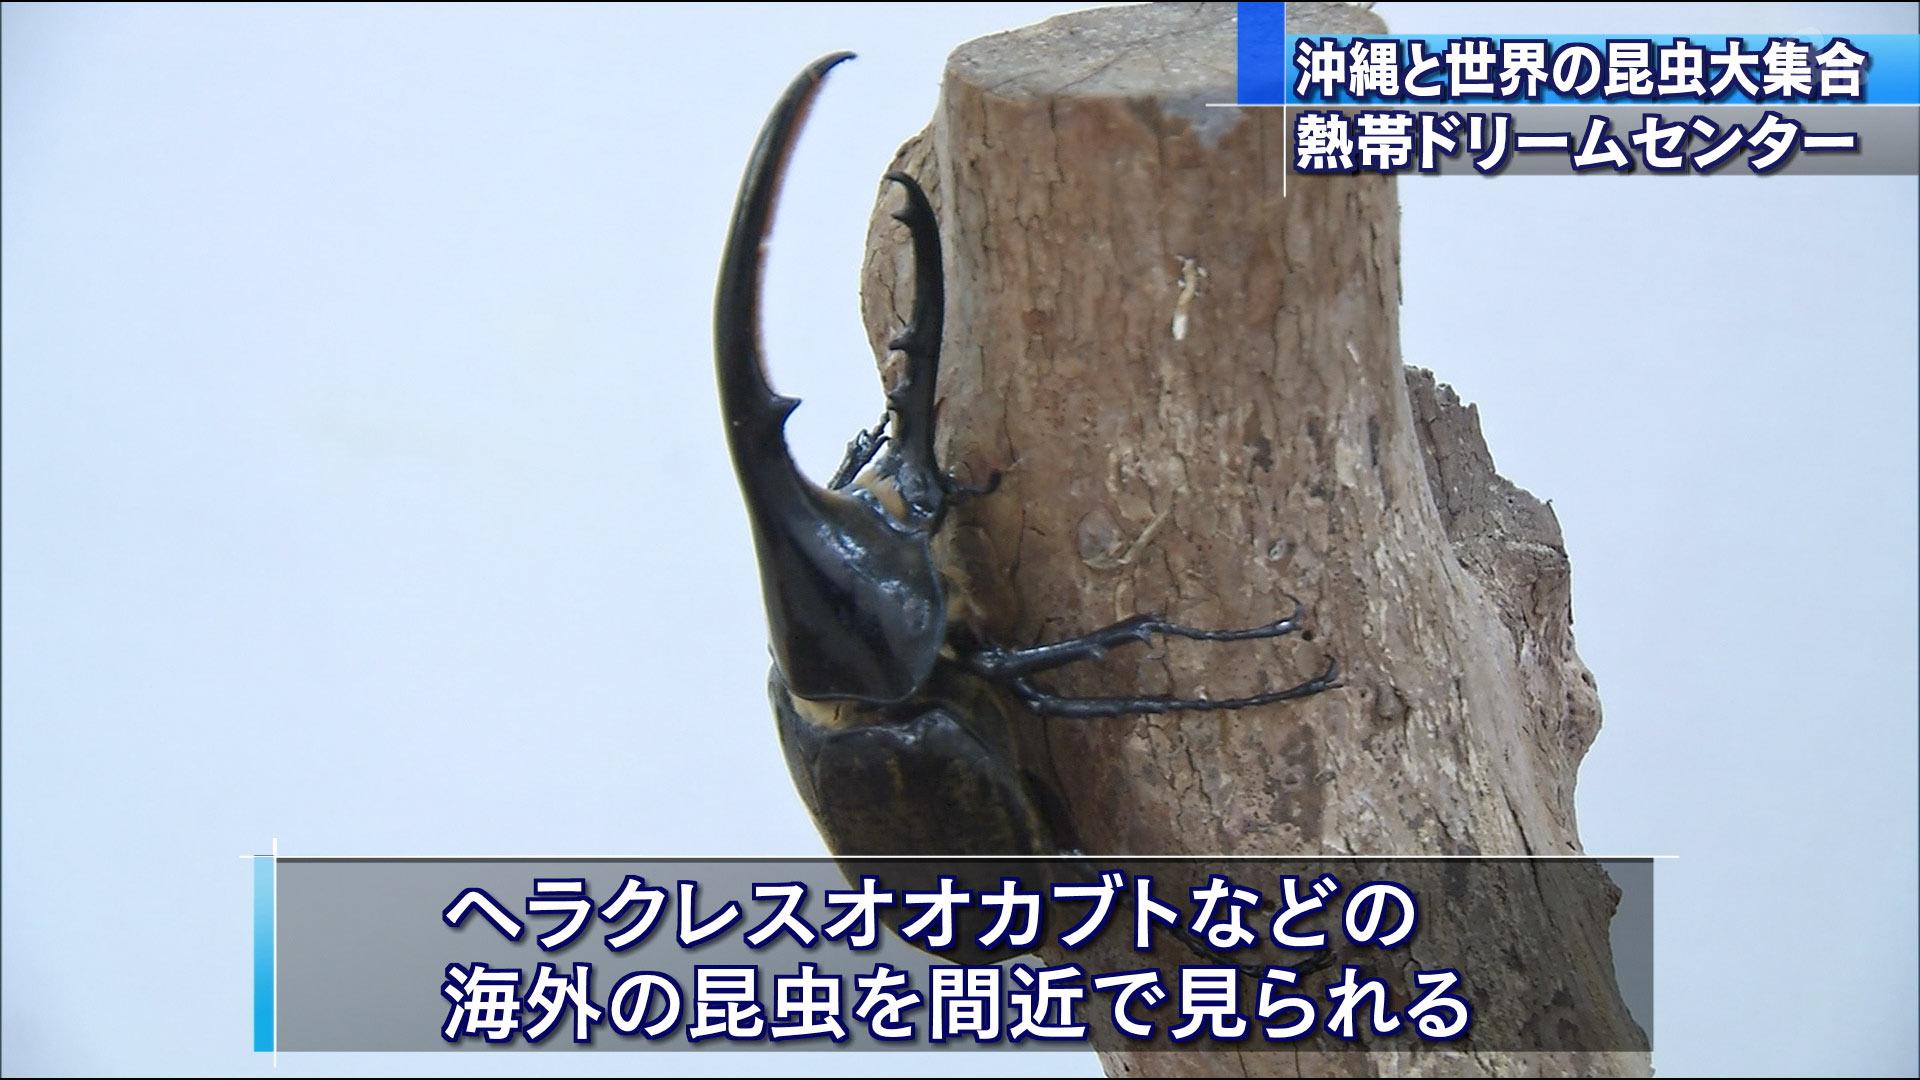 沖縄と世界の昆虫大集合